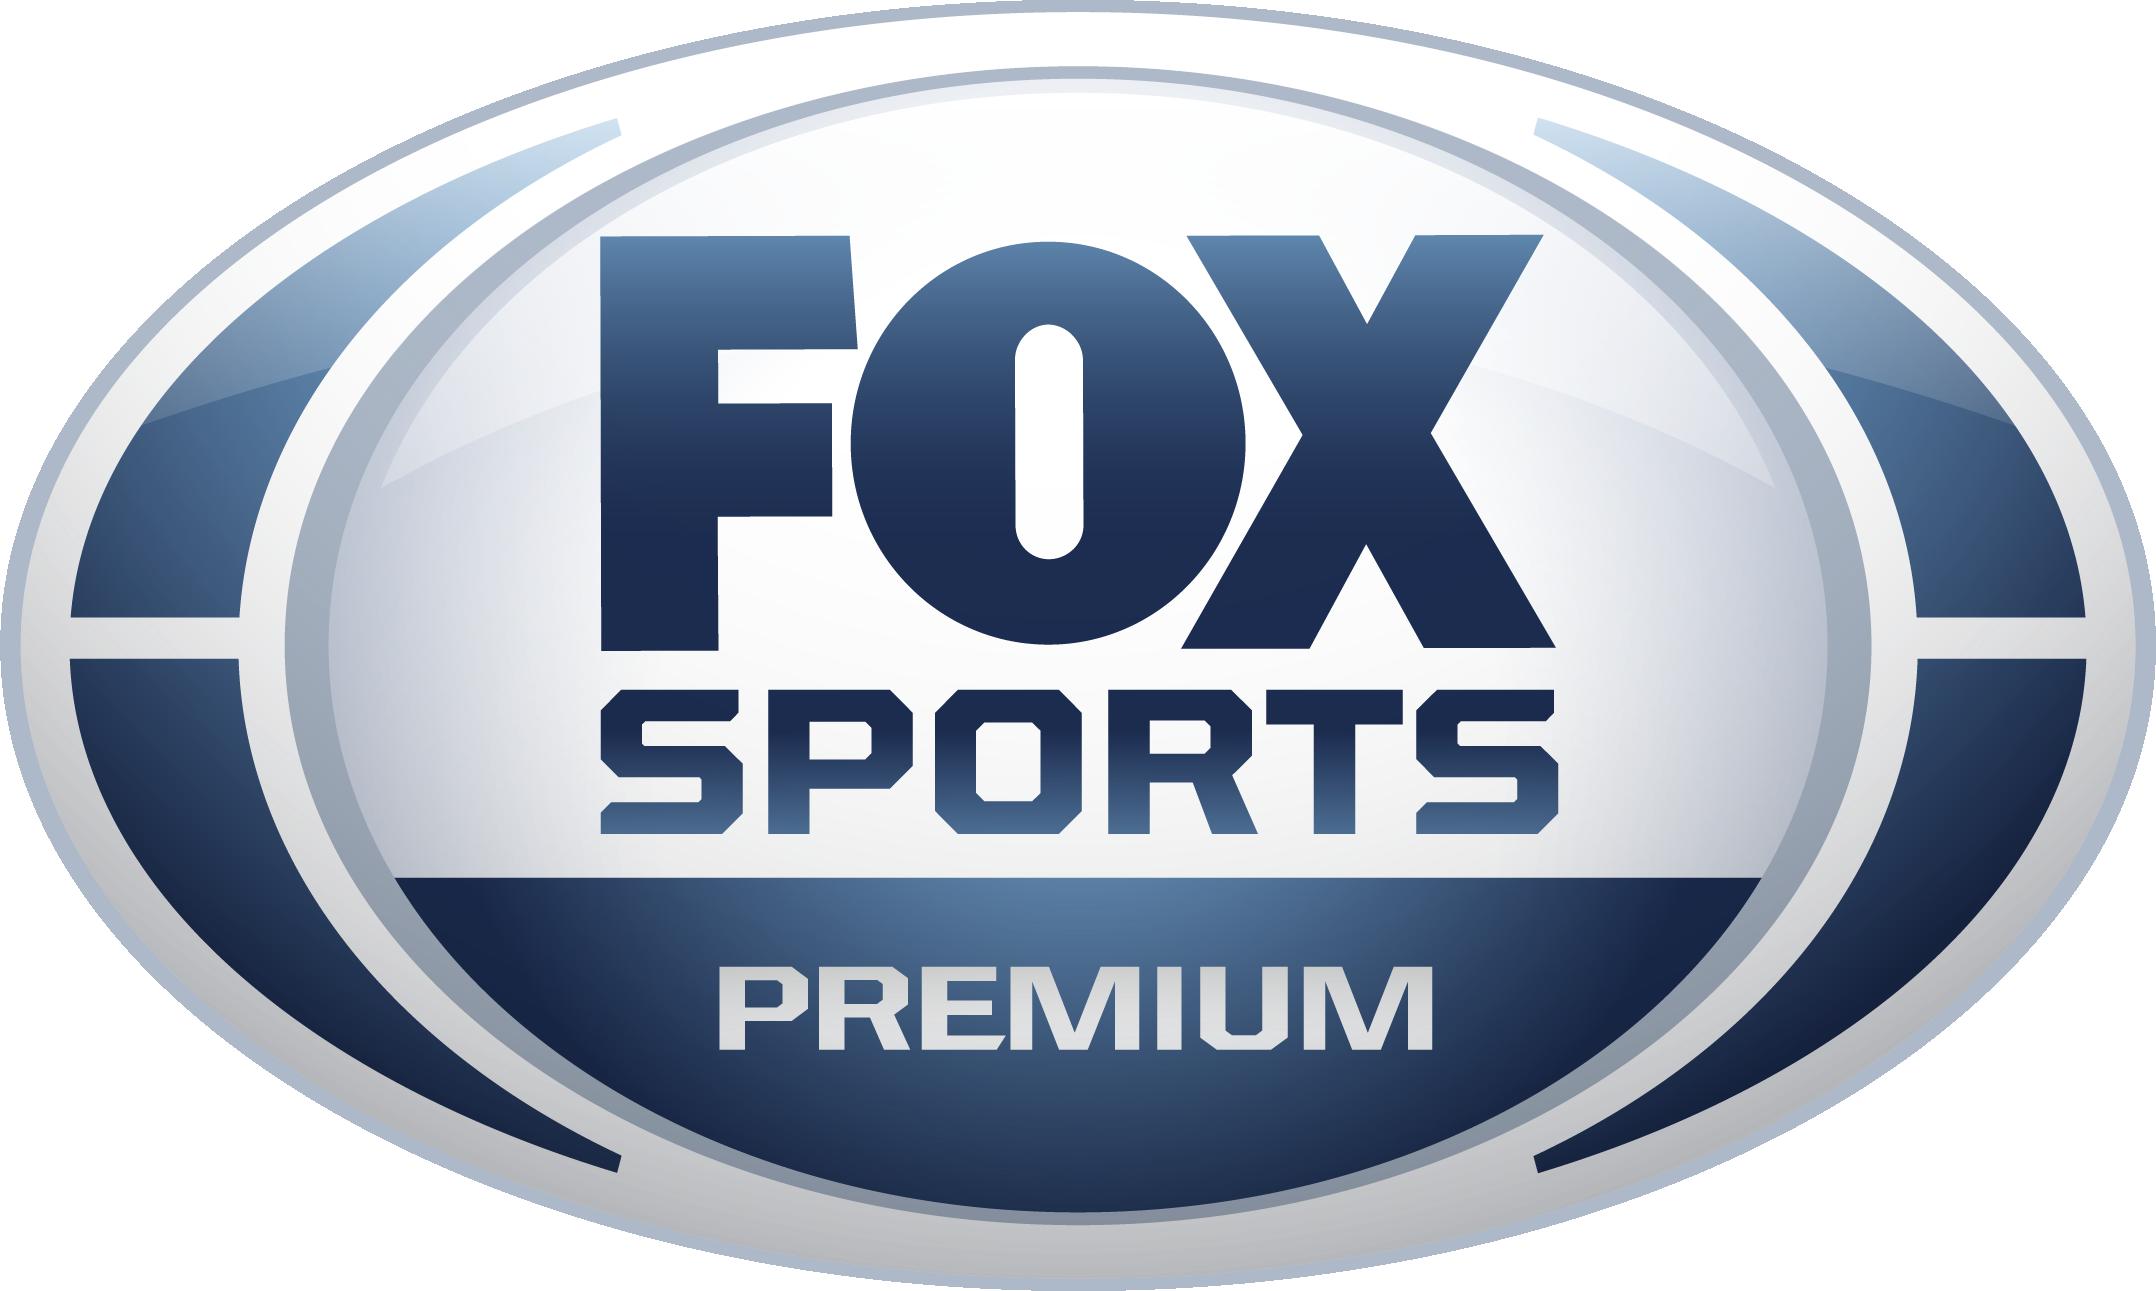 Pin by Chad M on Logo Ref Fox sports, Logos, Allianz logo